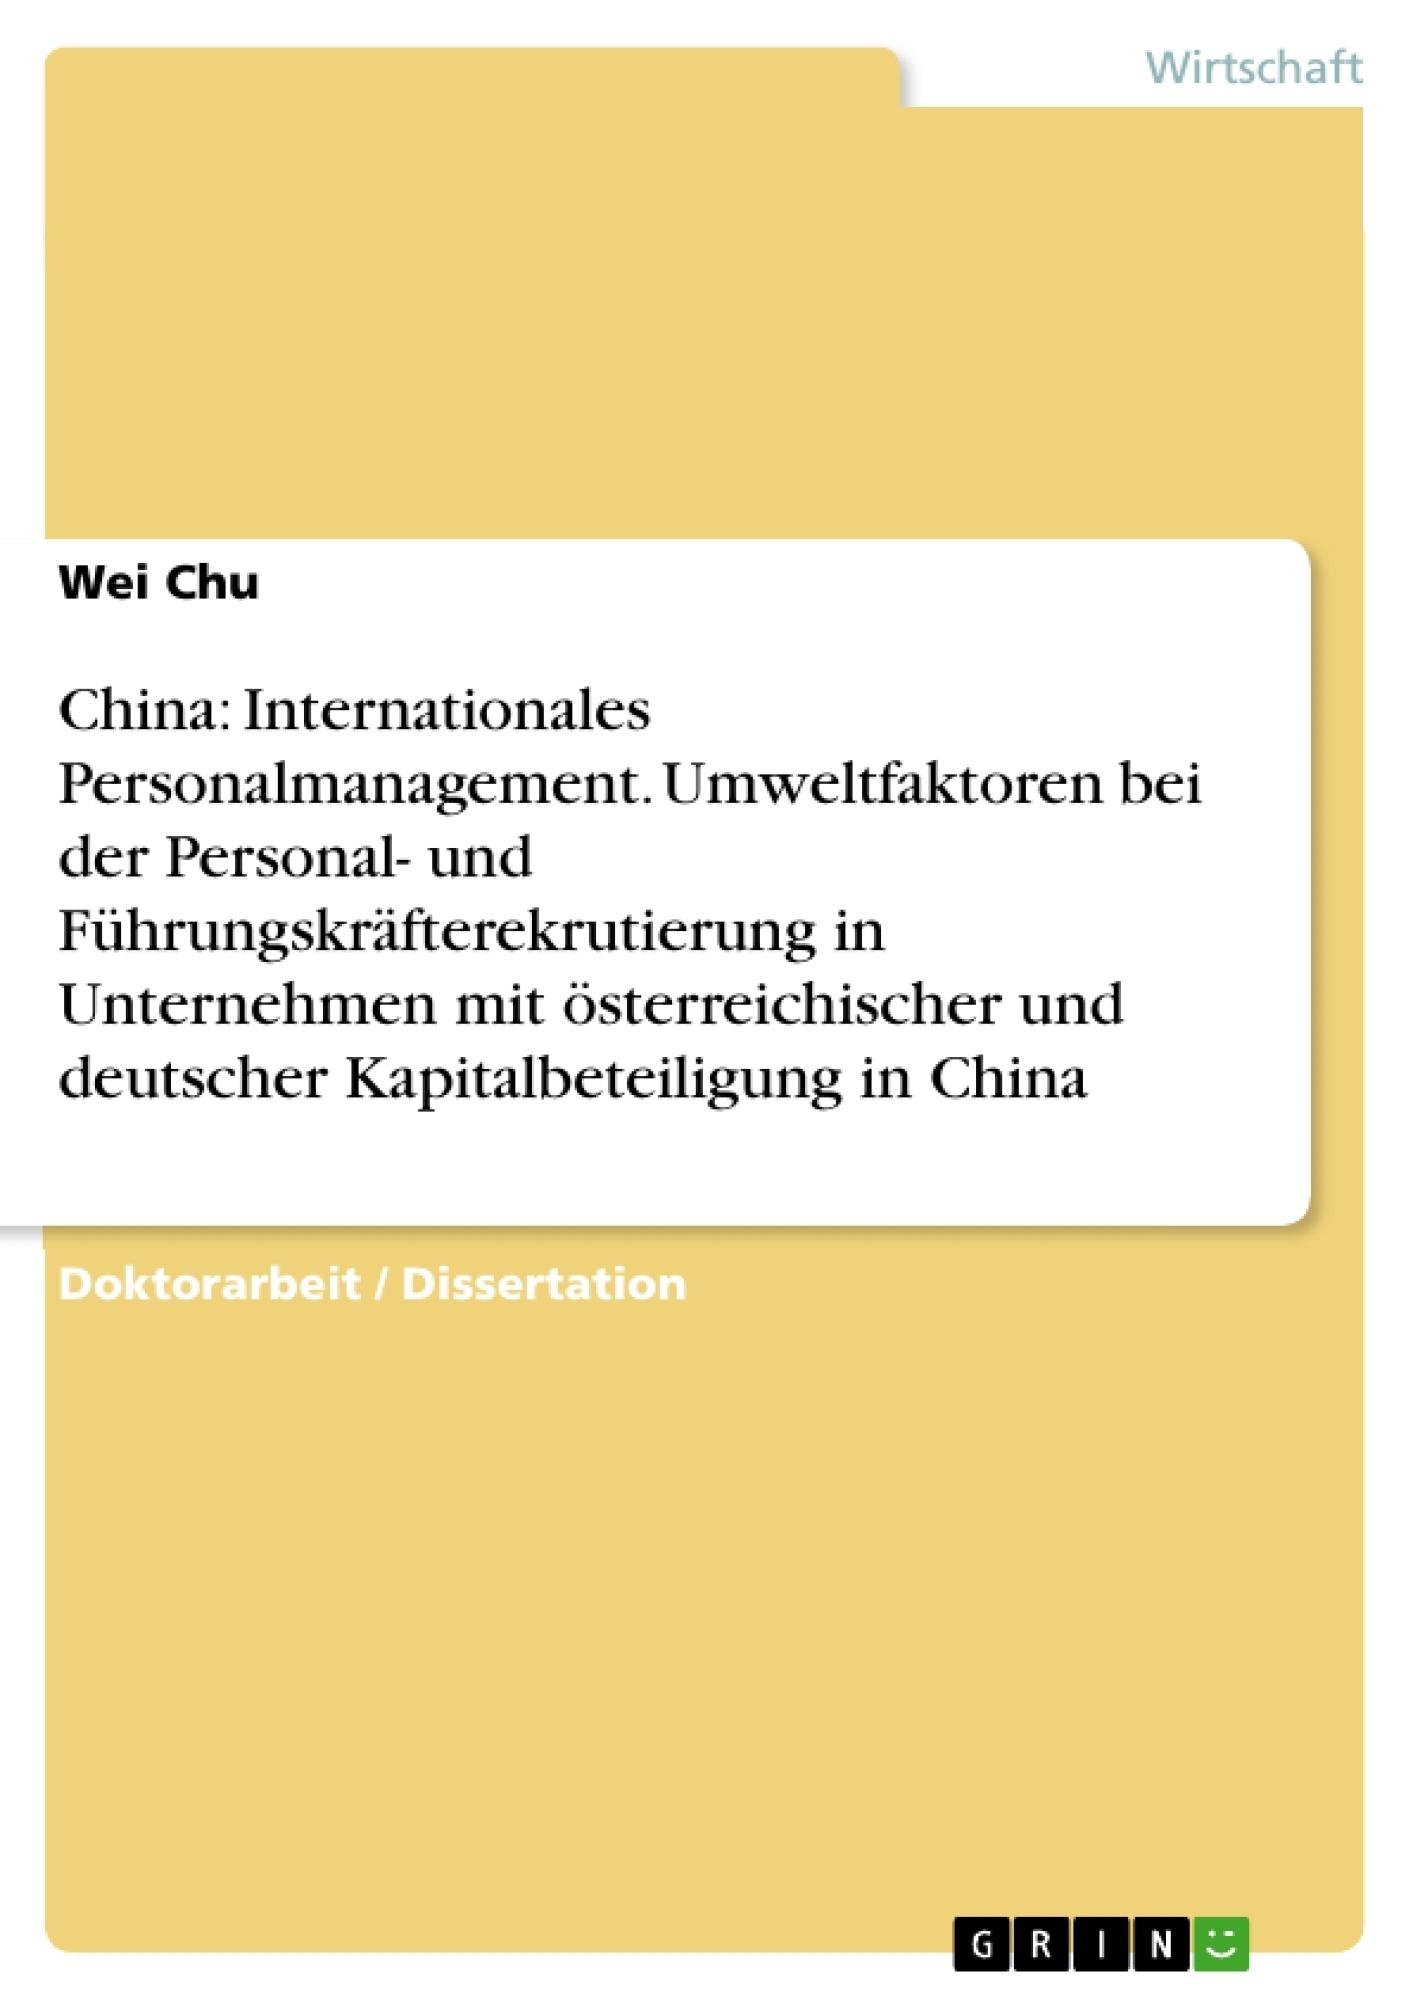 Titel: China: Internationales Personalmanagement. Umweltfaktoren bei der Personal- und Führungskräfterekrutierung in Unternehmen mit österreichischer und deutscher Kapitalbeteiligung in China